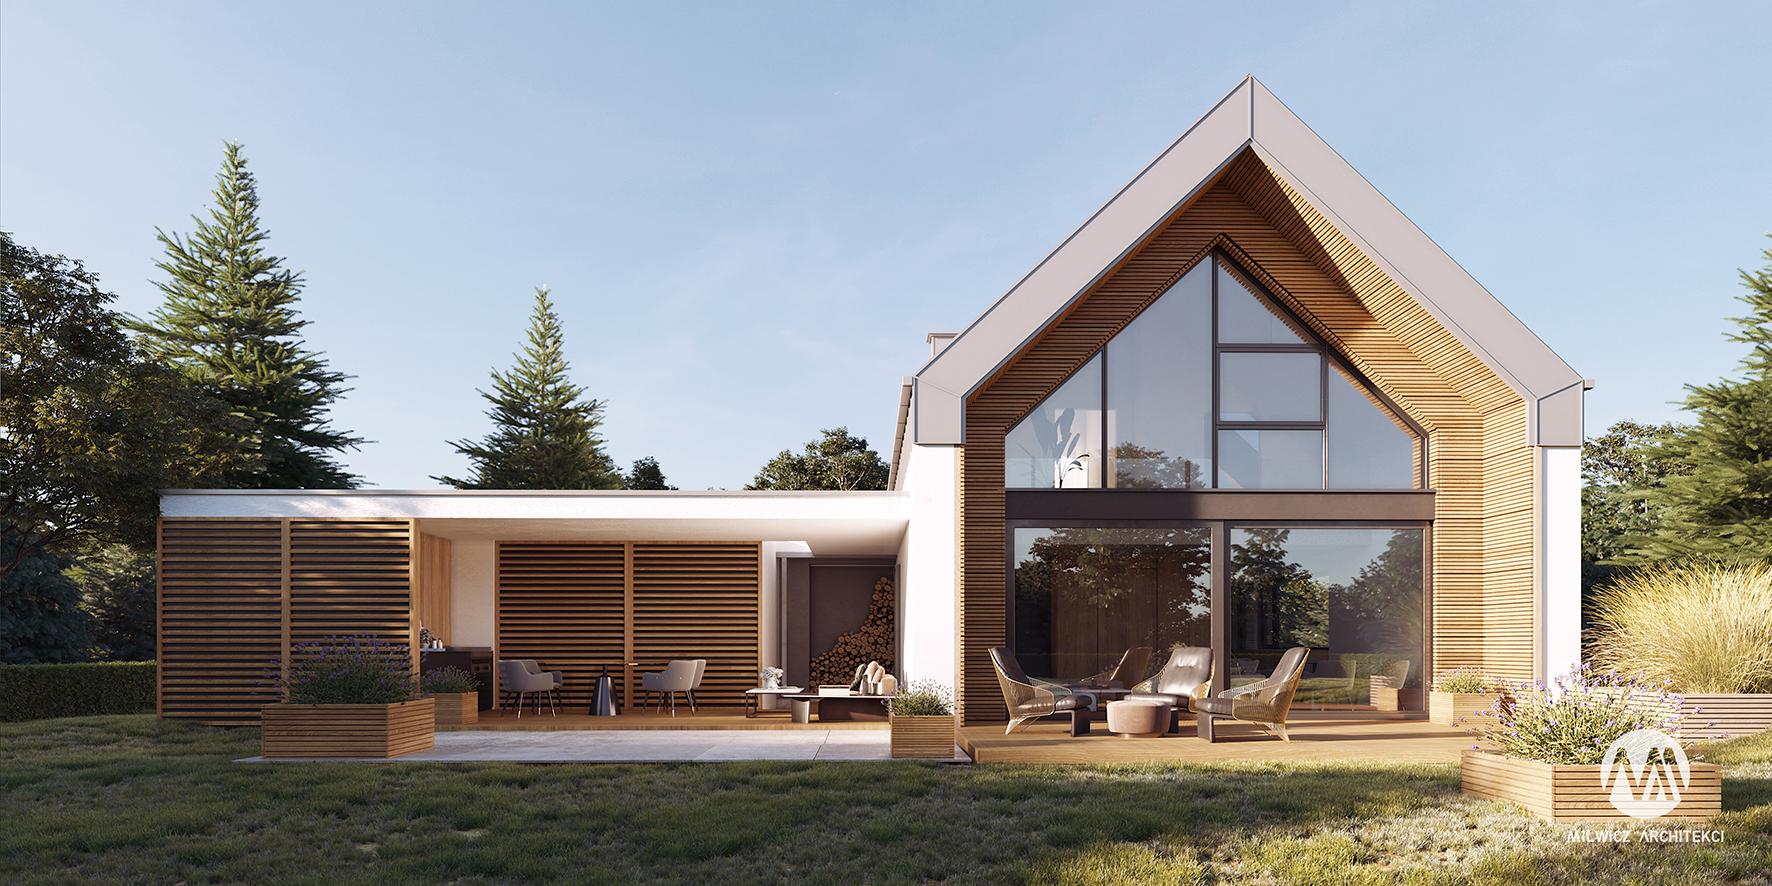 projekt D35 v1, projekt gotowy, nowoczesna stodoła, dom jednorodzinny z poddaszem użytkowym, rozbudowa, moduły, dom modułowy, budownictwo modułowe